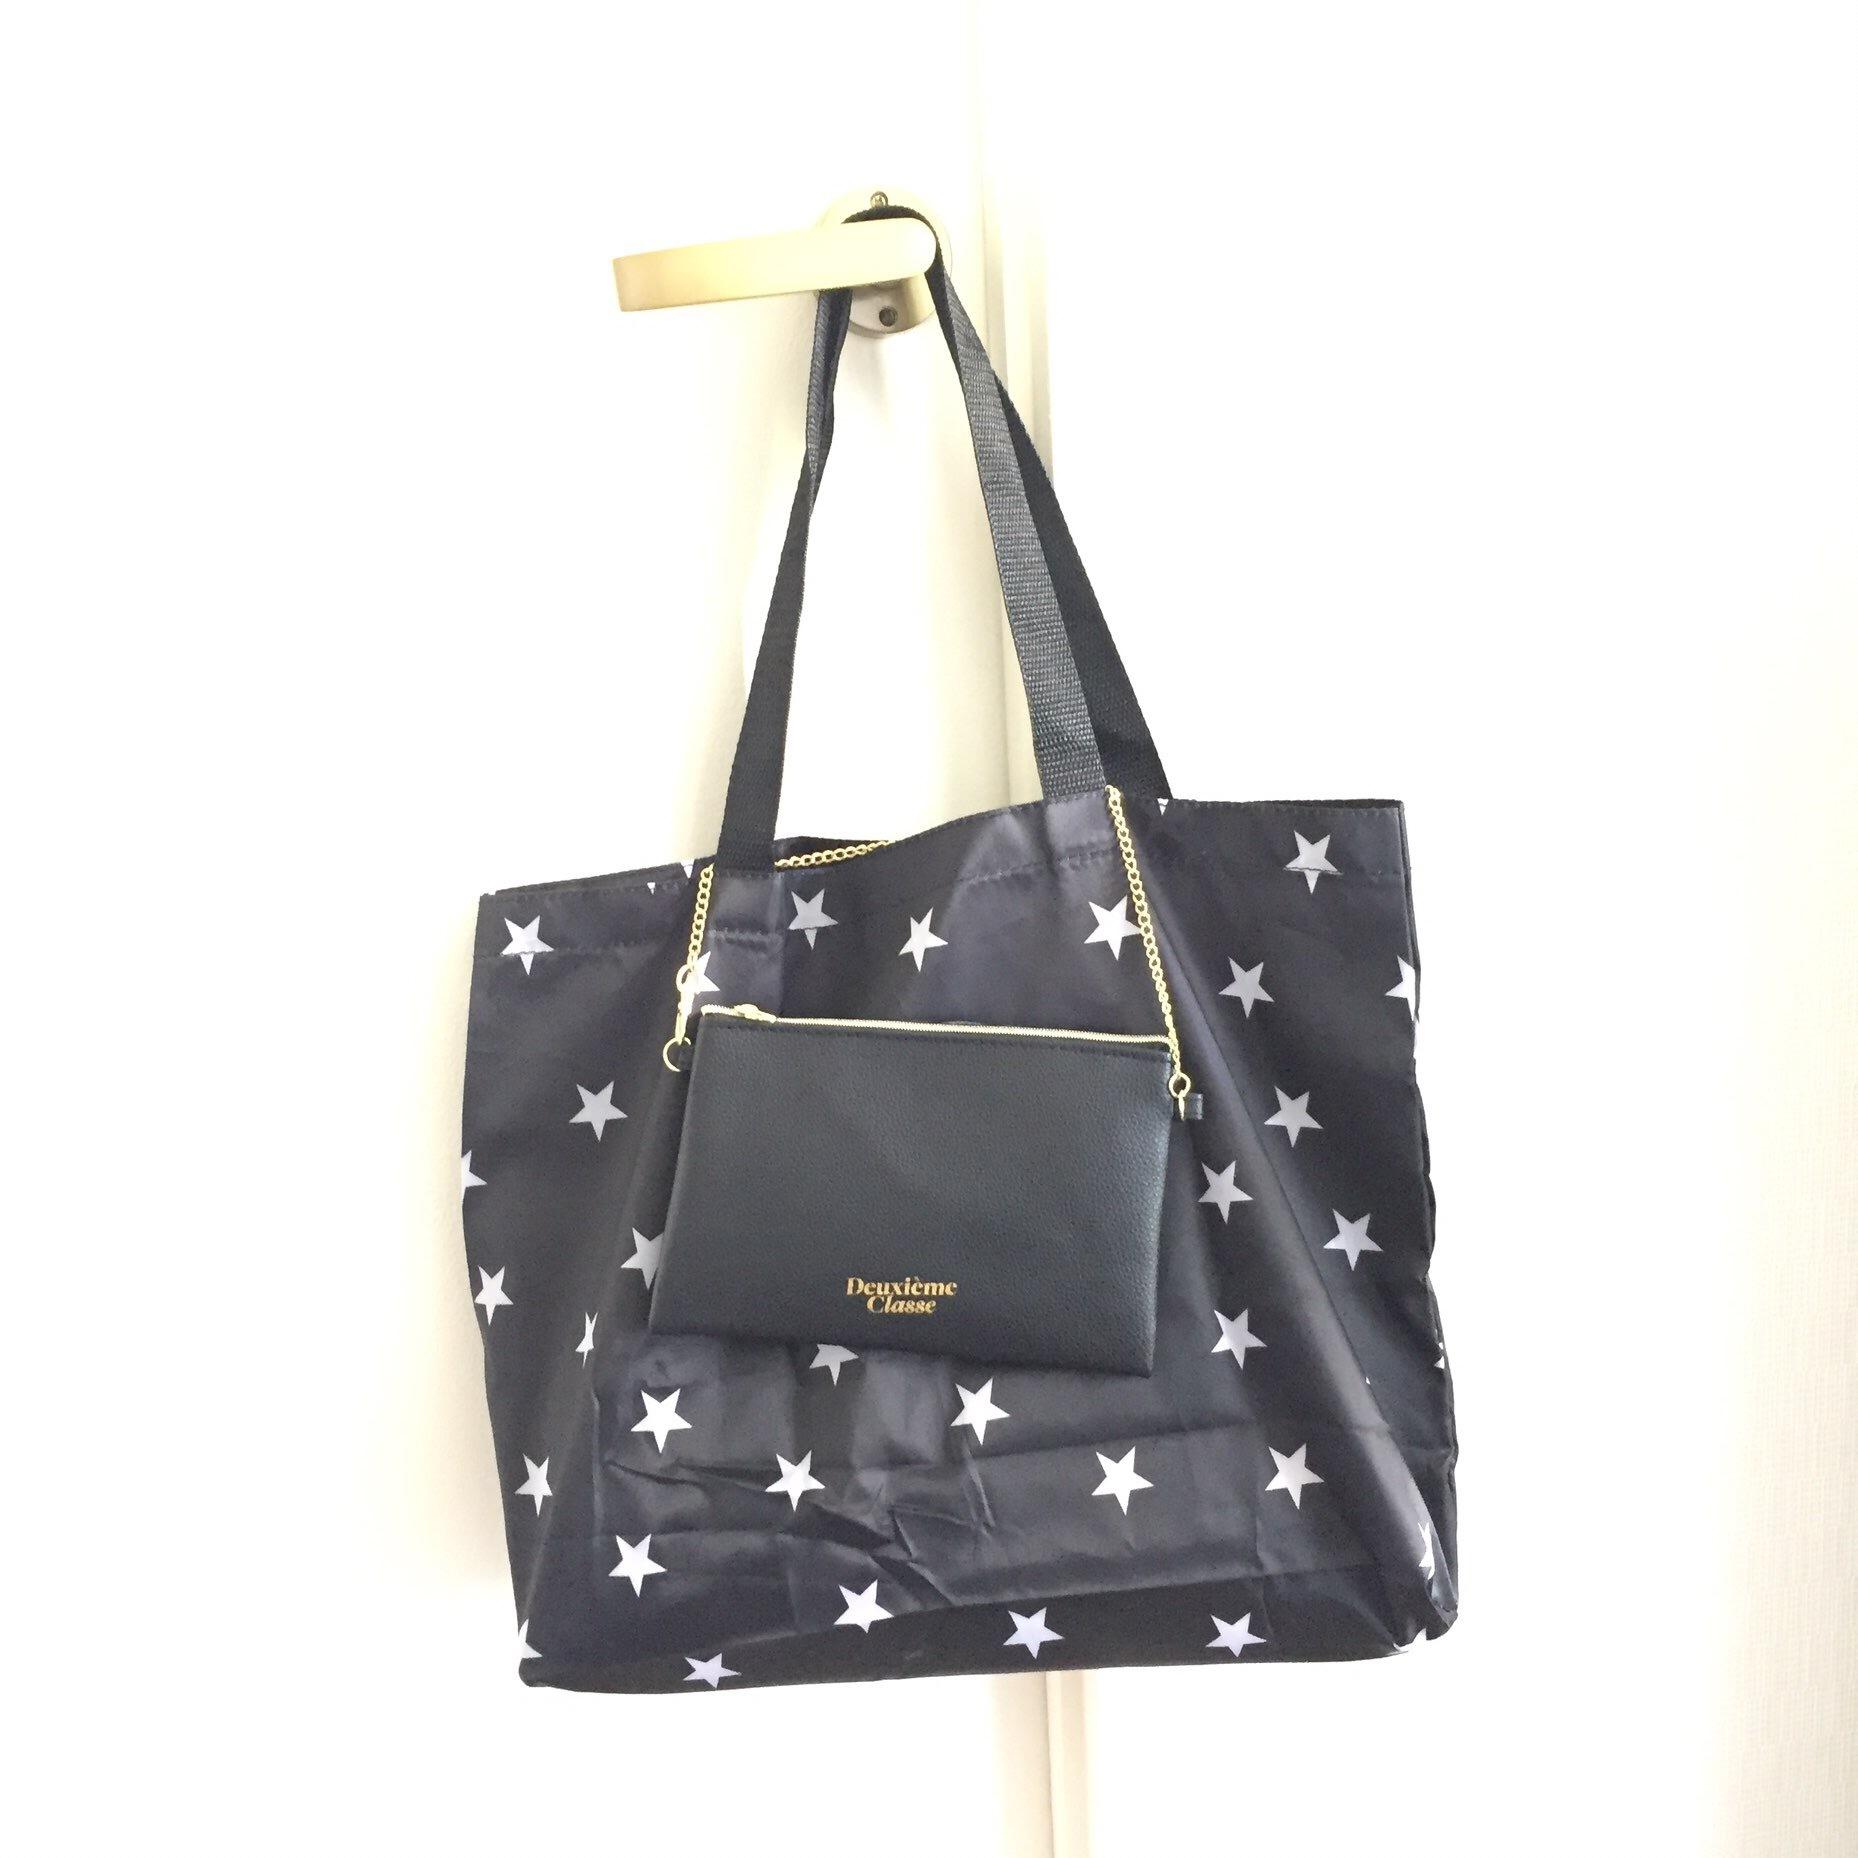 マリソル10月号の付録バッグは可愛くて使える!_1_1